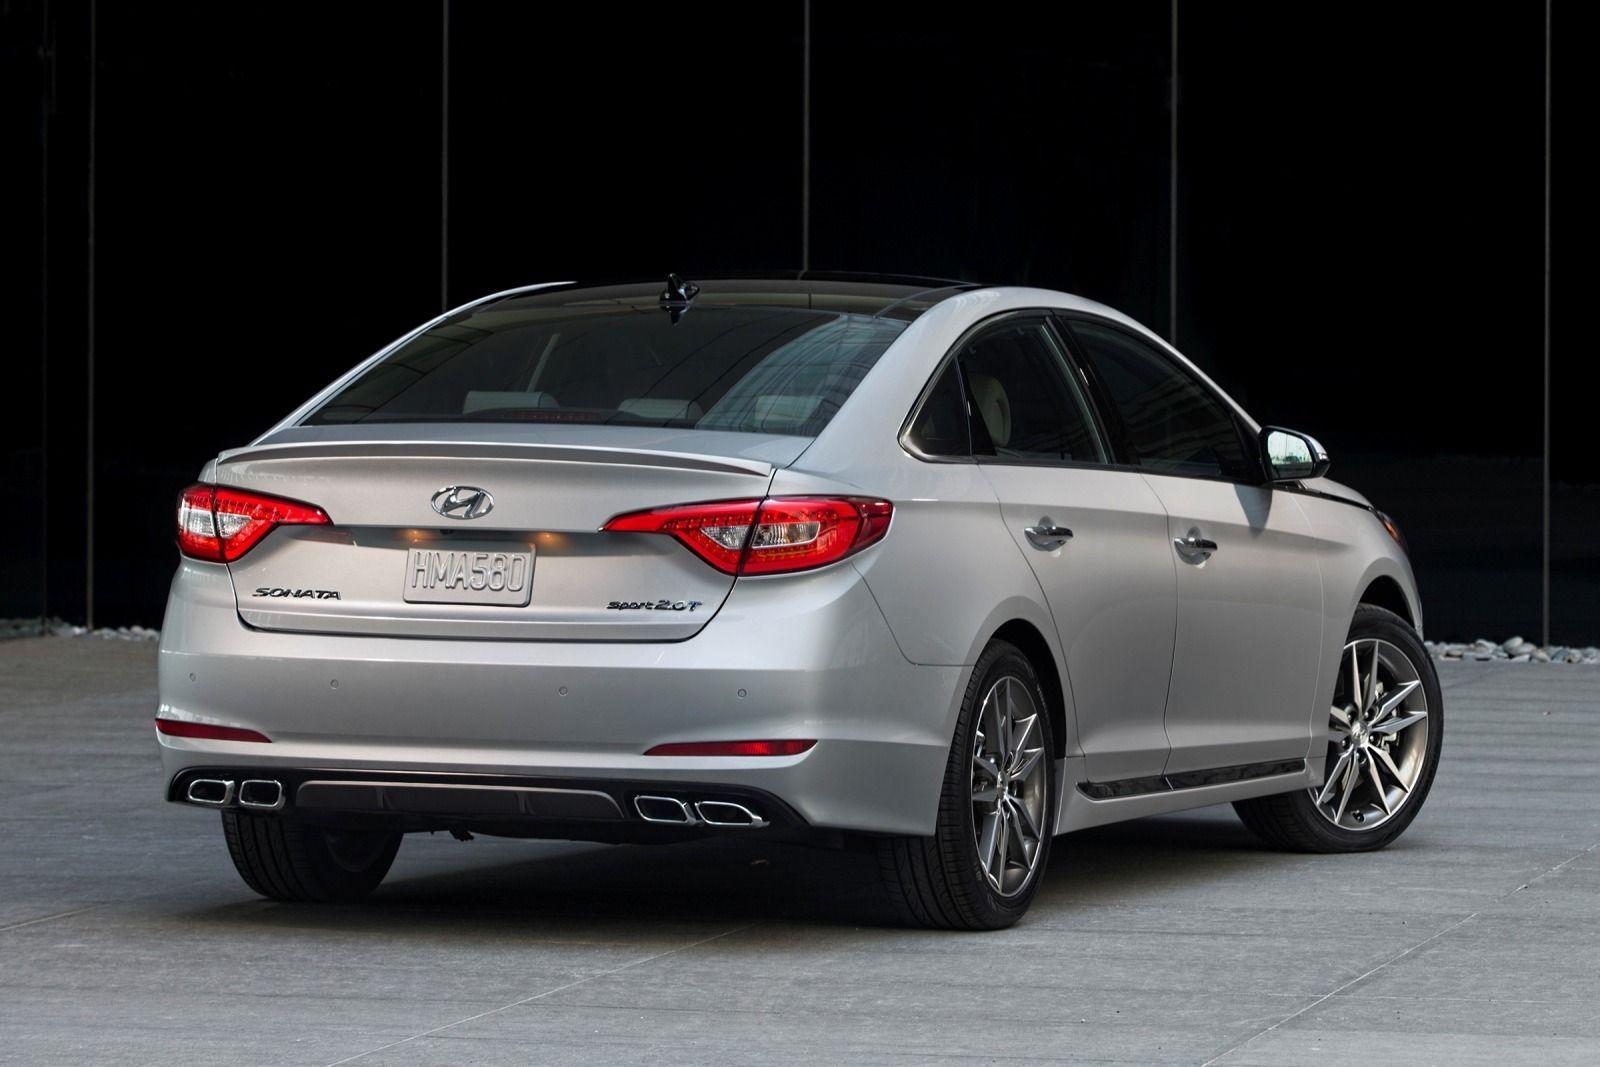 2017 Hyundai Sonata hyundai sonata